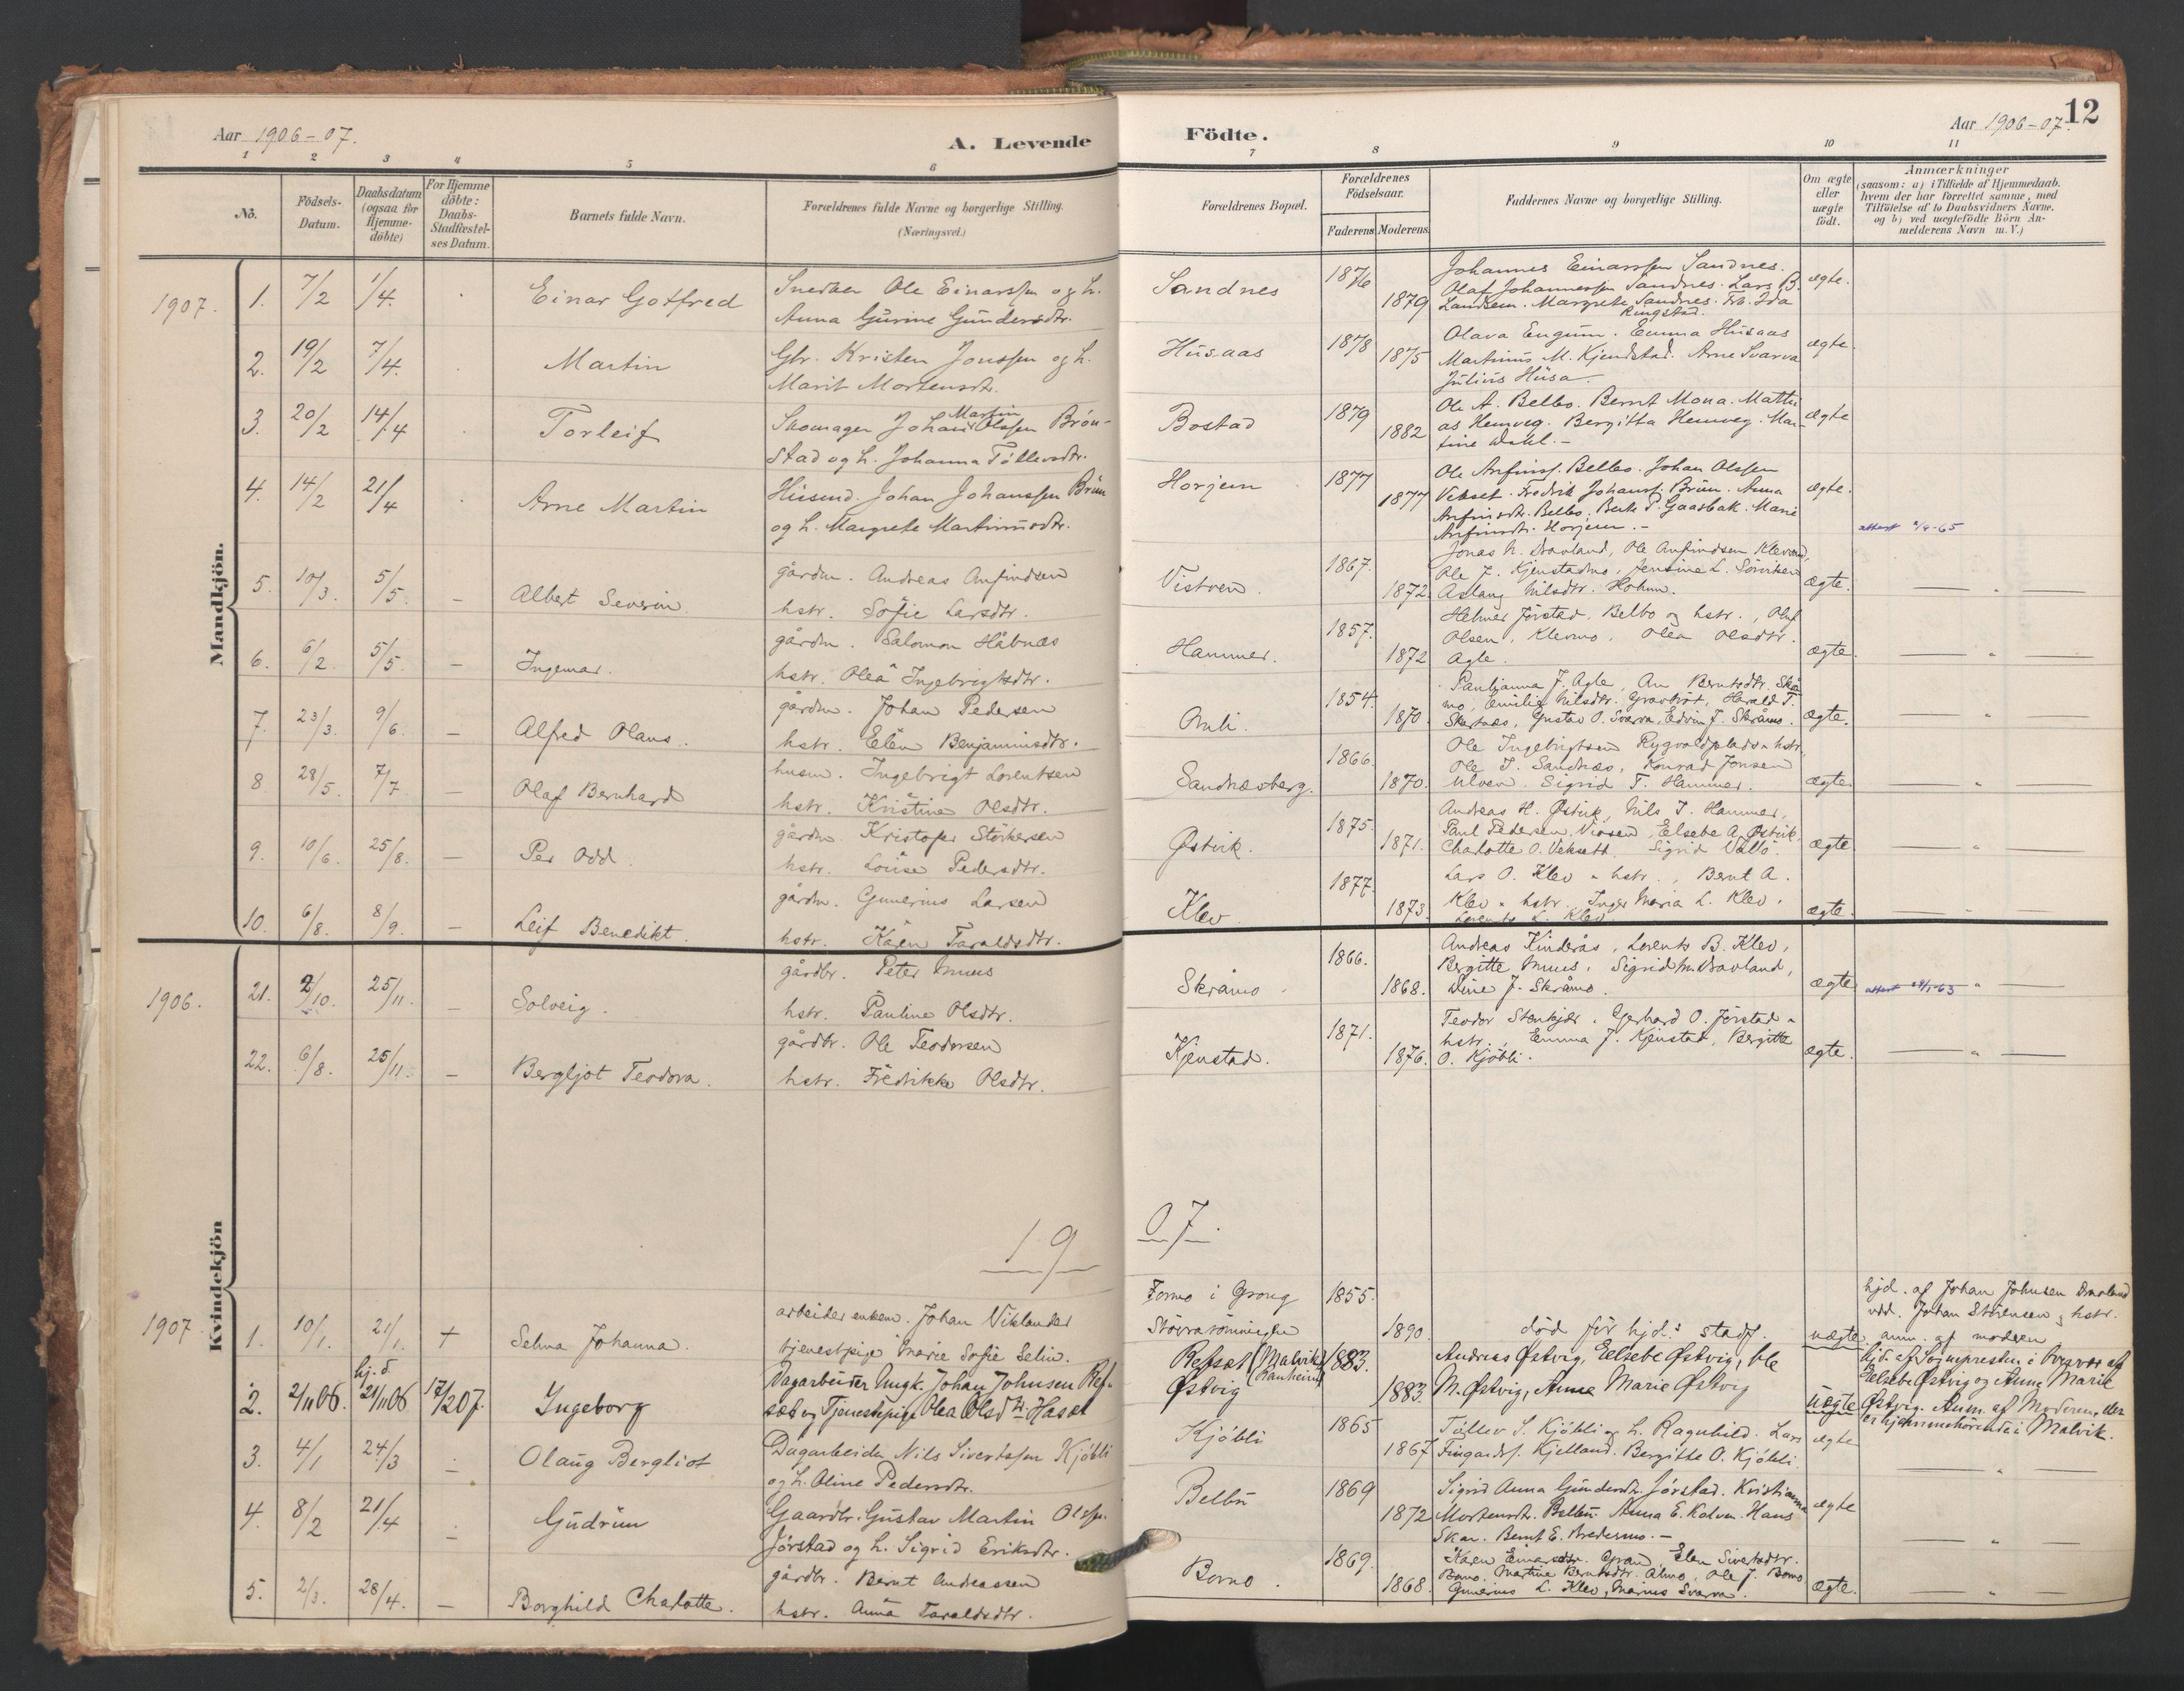 SAT, Ministerialprotokoller, klokkerbøker og fødselsregistre - Nord-Trøndelag, 749/L0477: Ministerialbok nr. 749A11, 1902-1927, s. 12